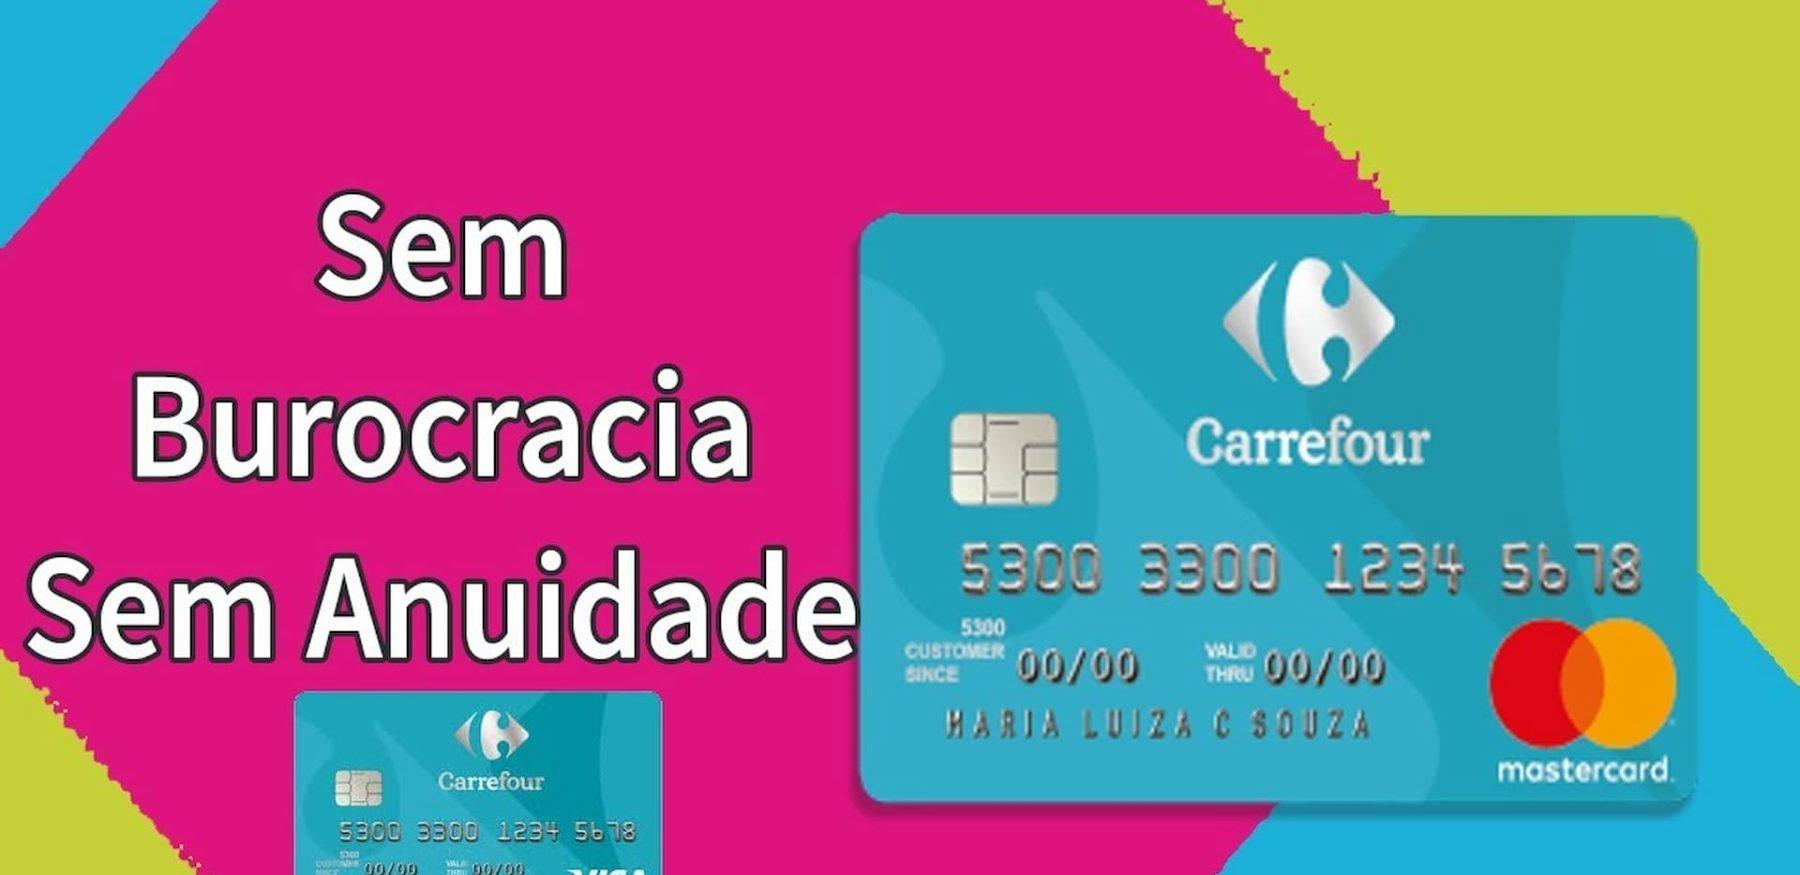 Cartao Carrefour 1800x875 - Cartão Carrefour veja as dicas como solicitar